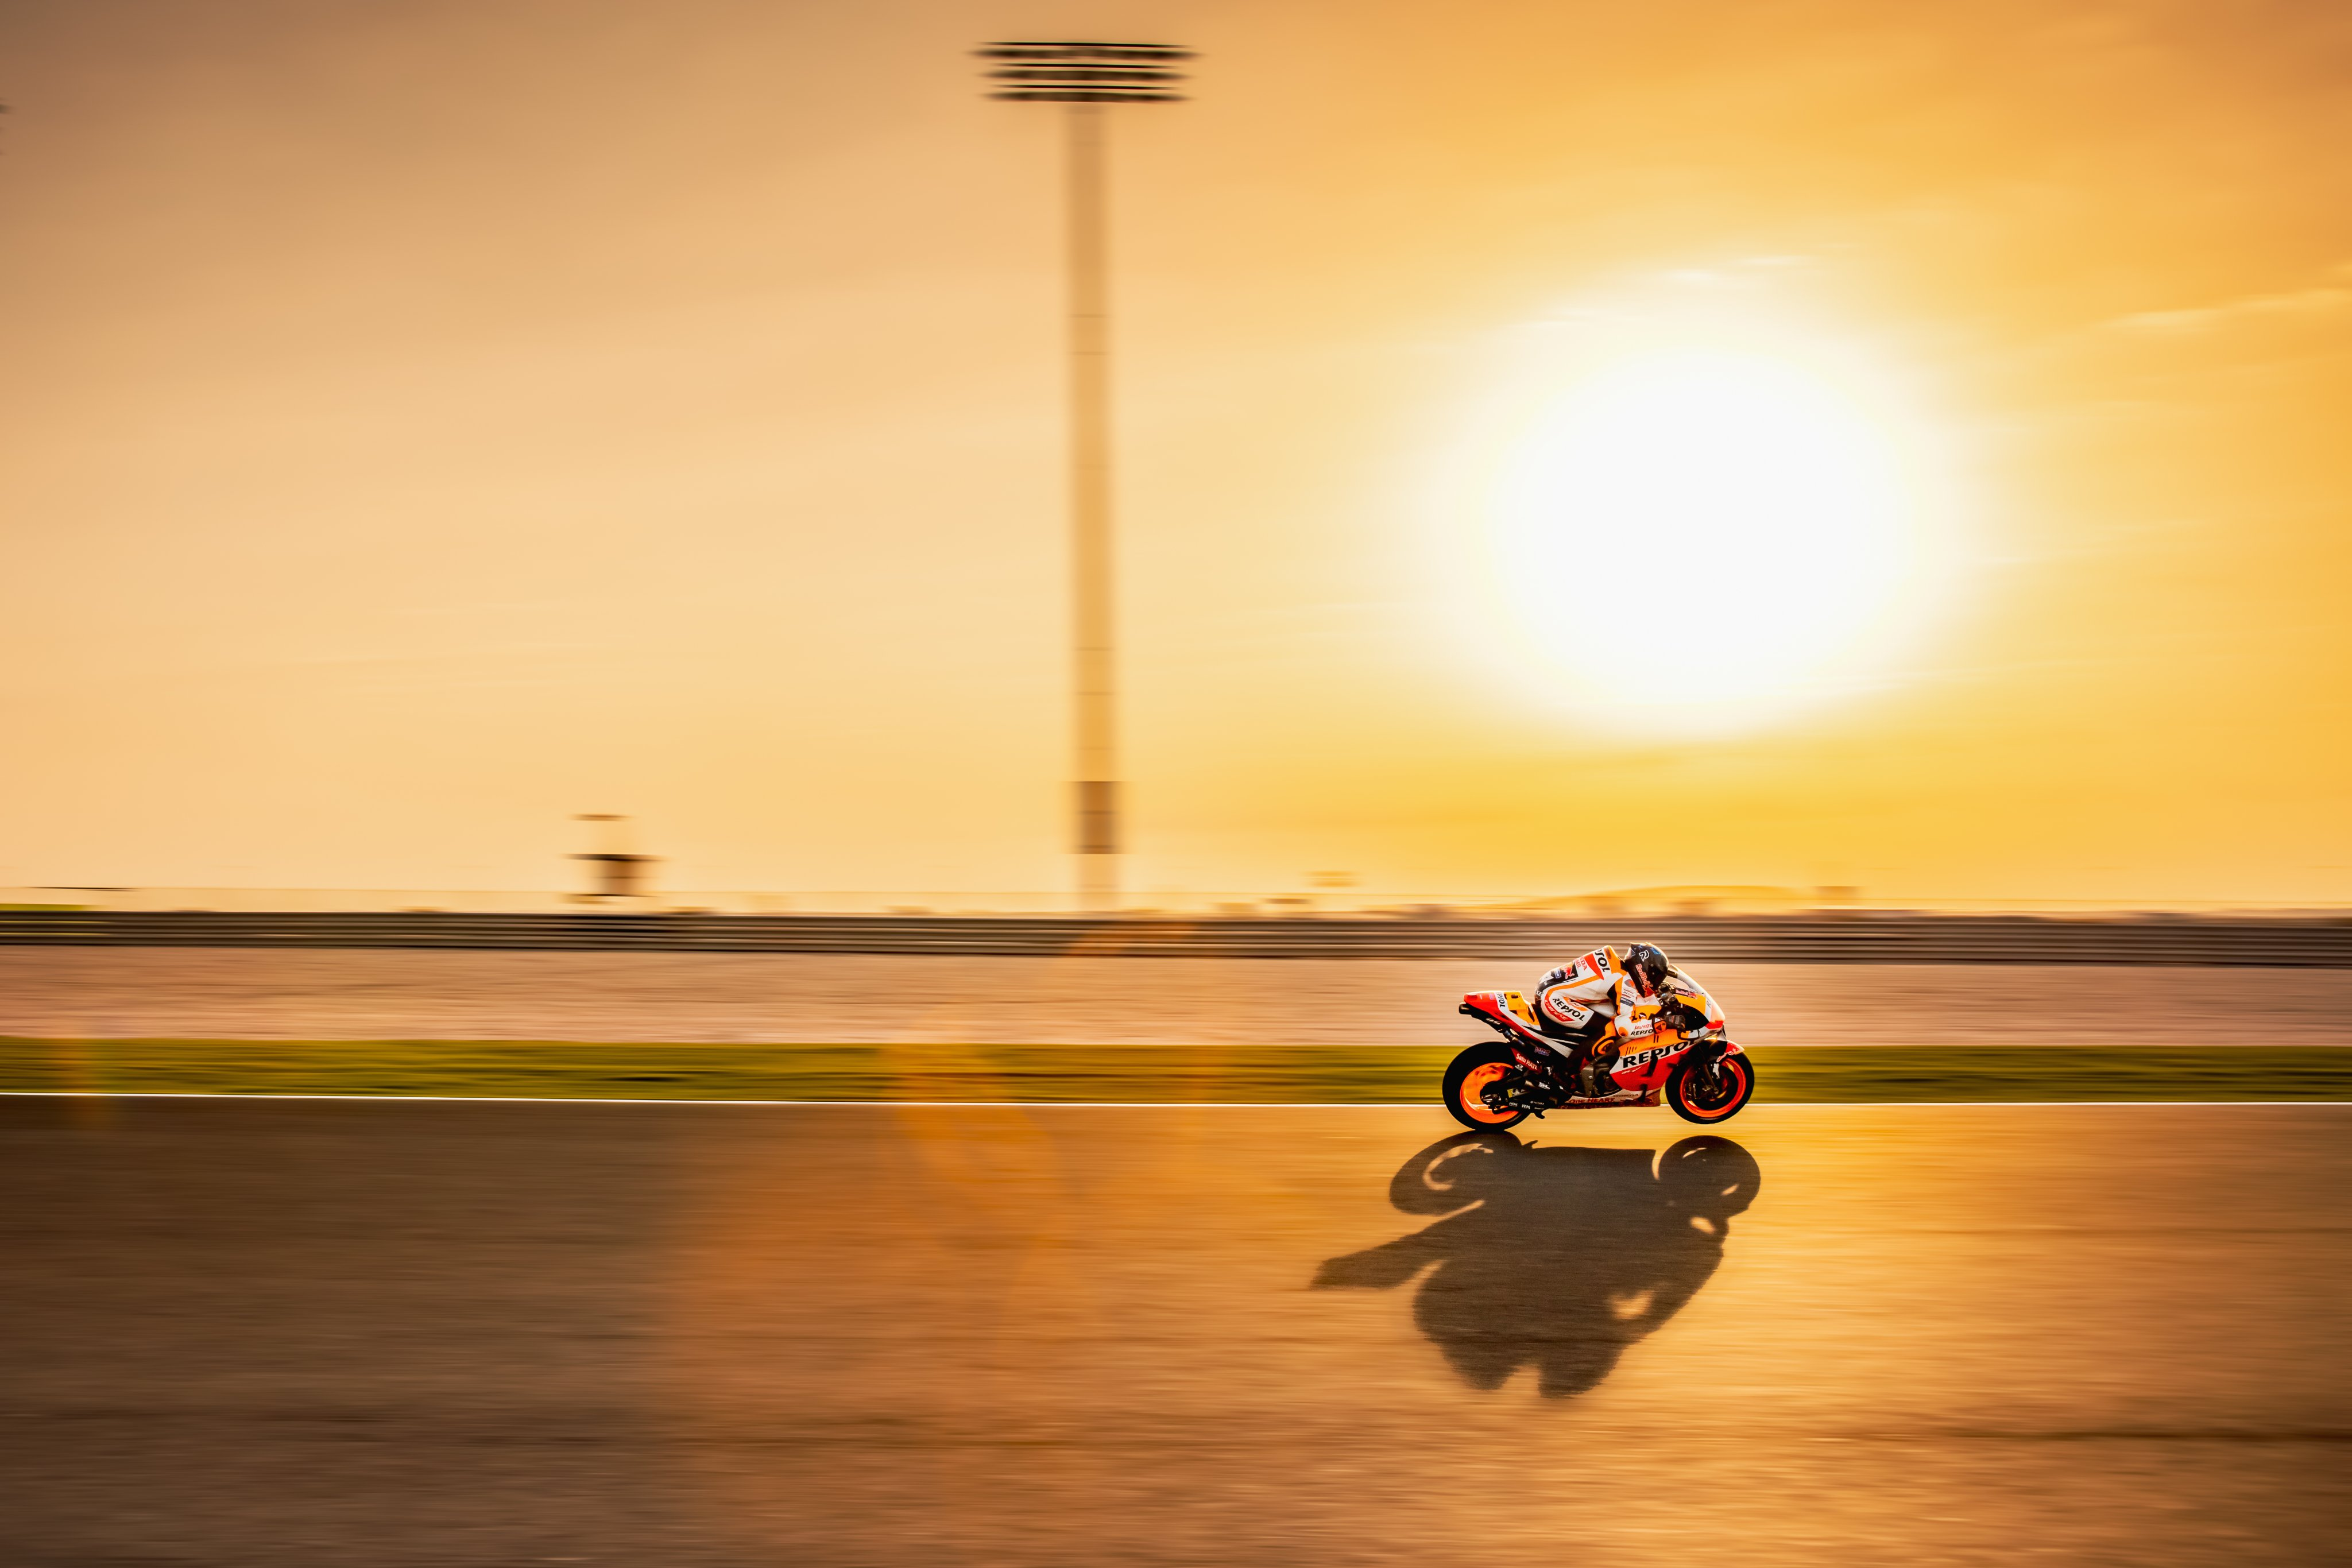 Moto GP 2021 - Page 2 Ev9IP2RWgAAKaj7?format=jpg&name=4096x4096